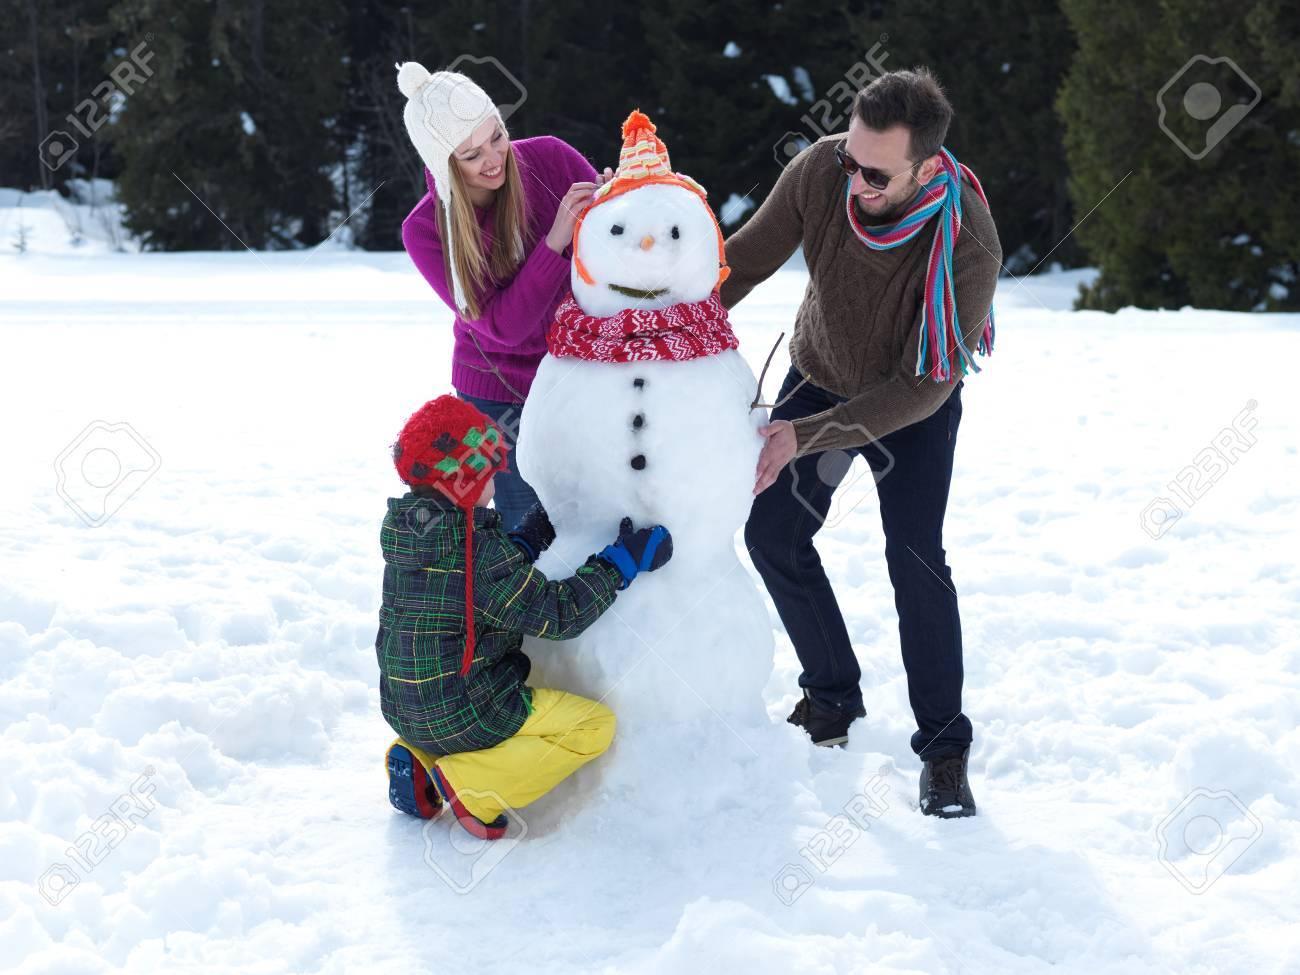 Joven Familia Feliz Jugando En La Nieve Fresca Y Haciendo Muñeco De Nieve En El Hermoso Día De Invierno Soleado Al Aire Libre En La Naturaleza Con El Bosque En Fondo Fotos